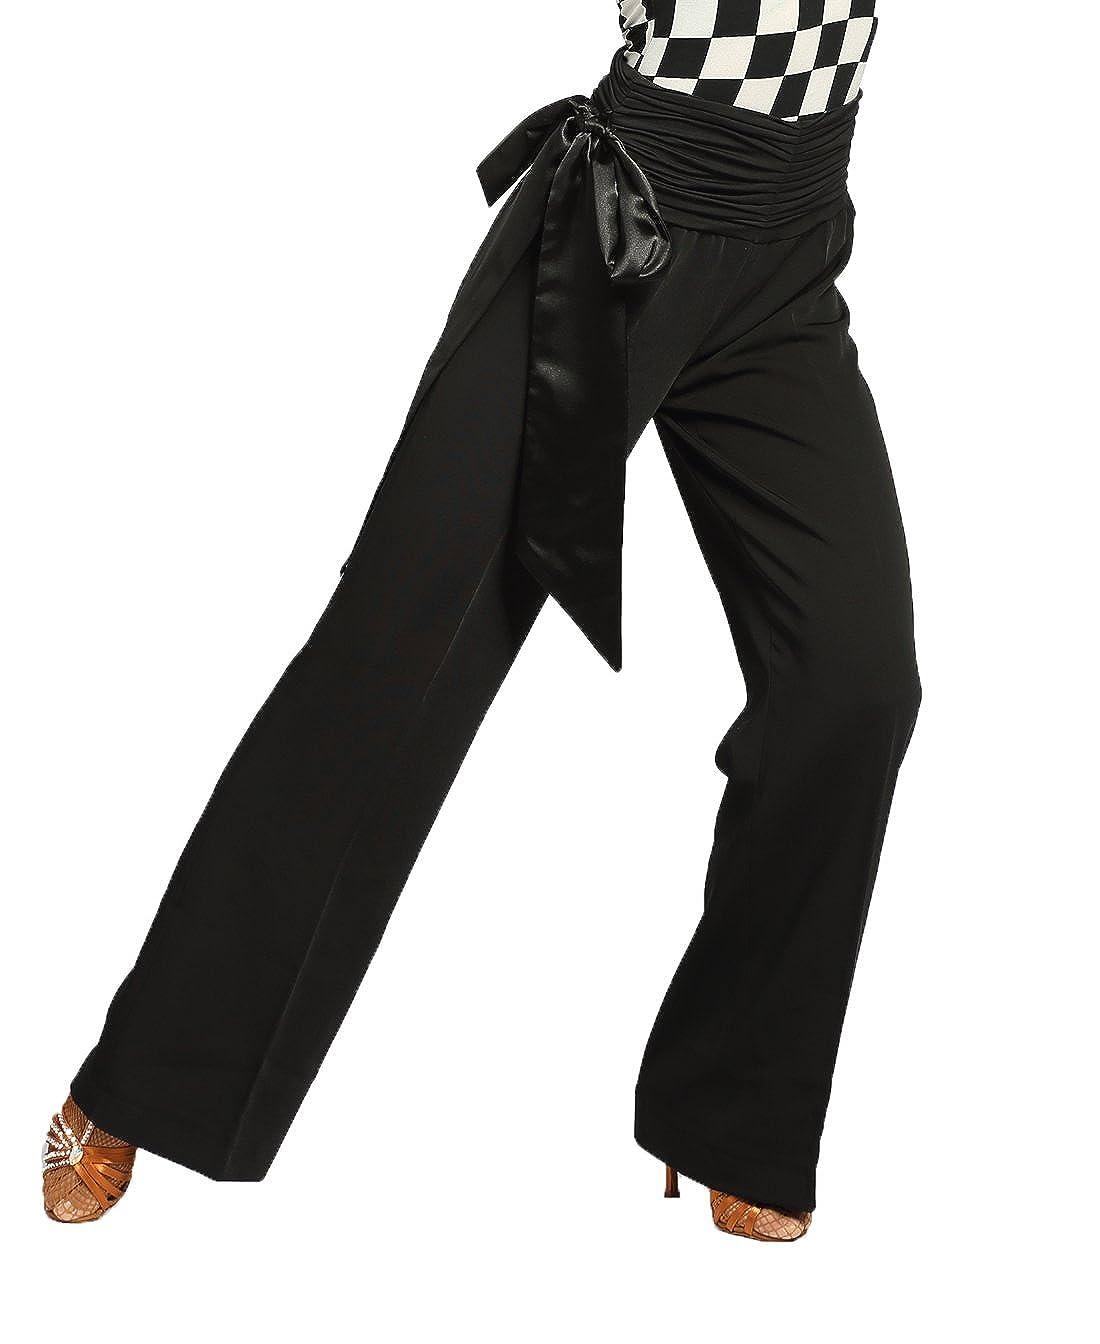 g4007モダン社交ダンス/ボールダンスプロフェッショナルクラシックサテンリボンゴムストレートパンツ/パンツによって提供gloriadance B07DMYZHHN Black(sbs) Large